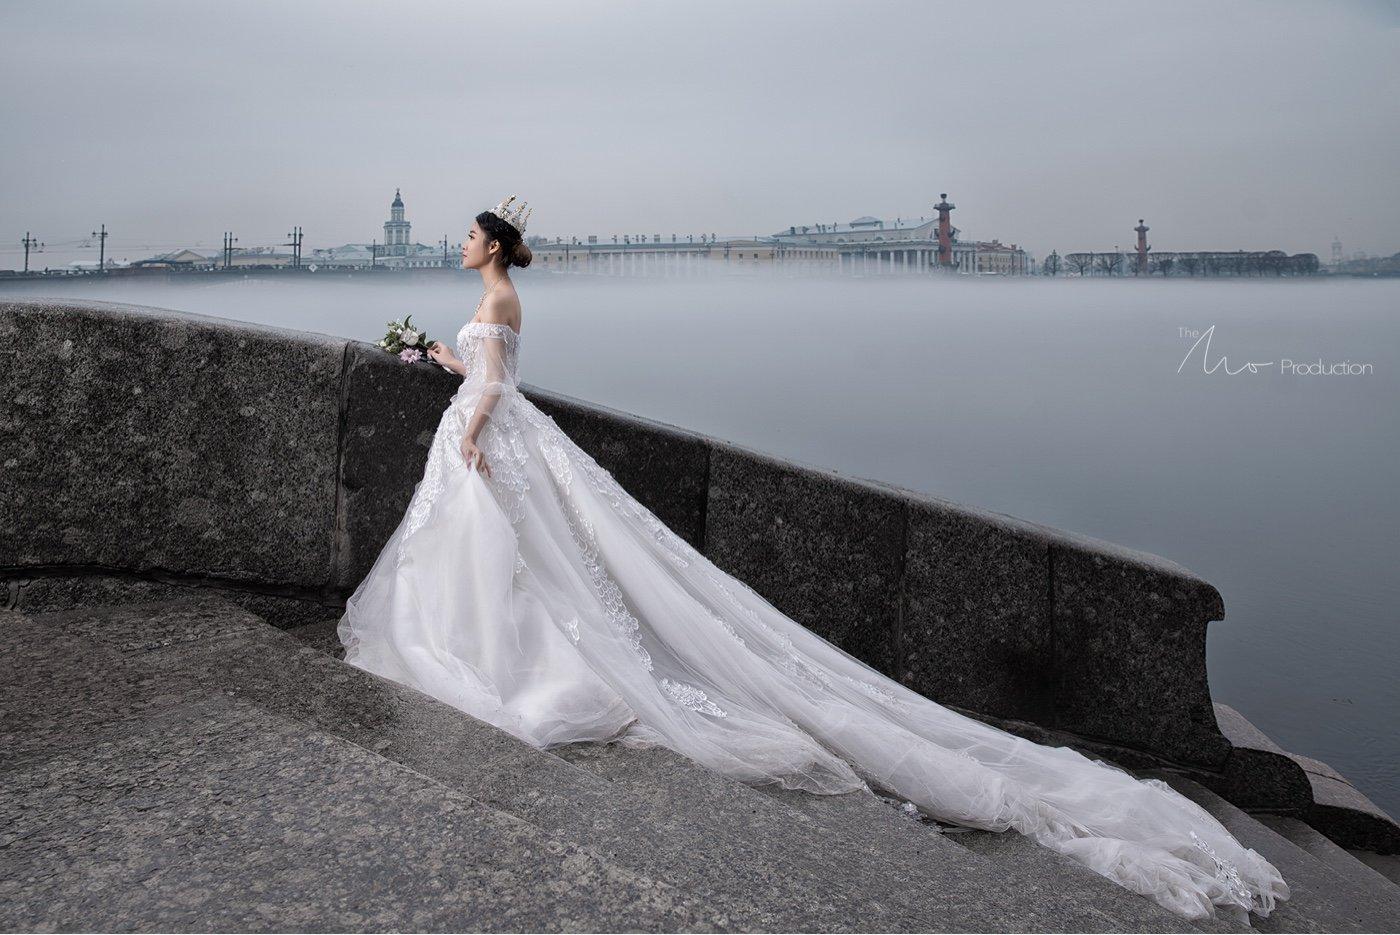 MoFoTo | 婚纱旅拍  圣彼得堡1